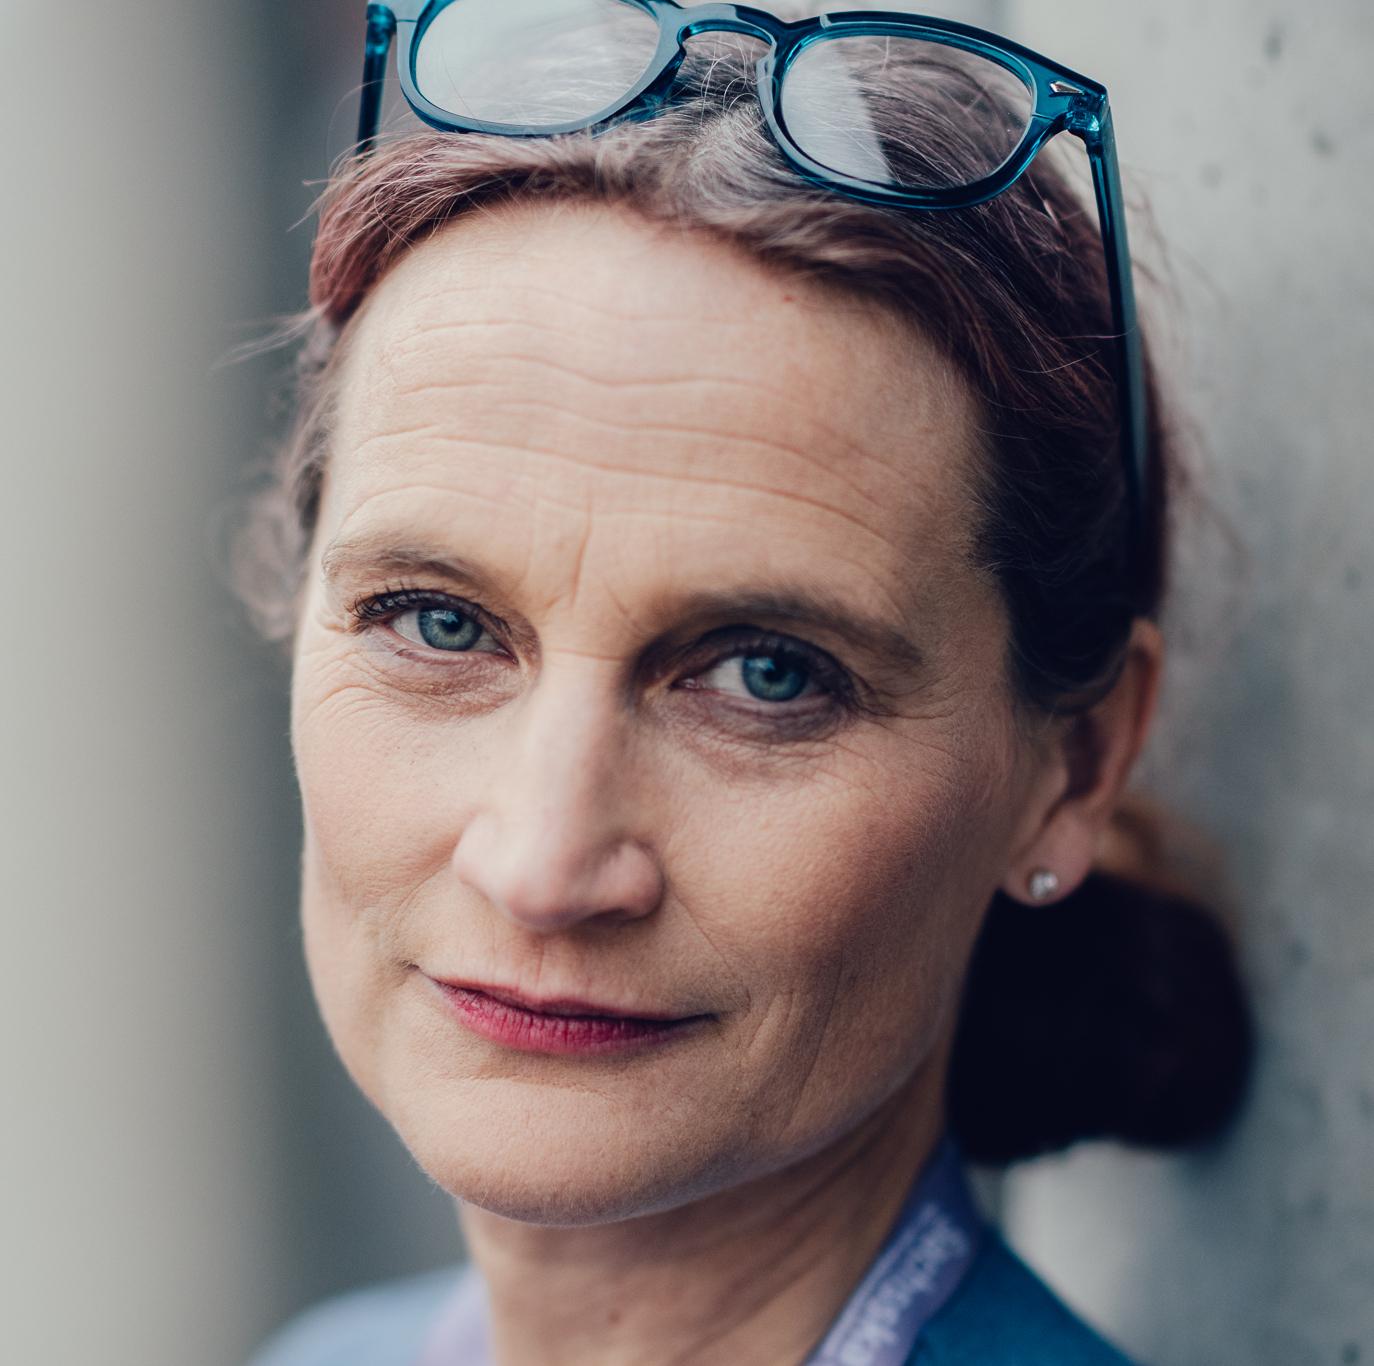 Porträtt Anna Sjöblom med glasögon uppe på huvudet